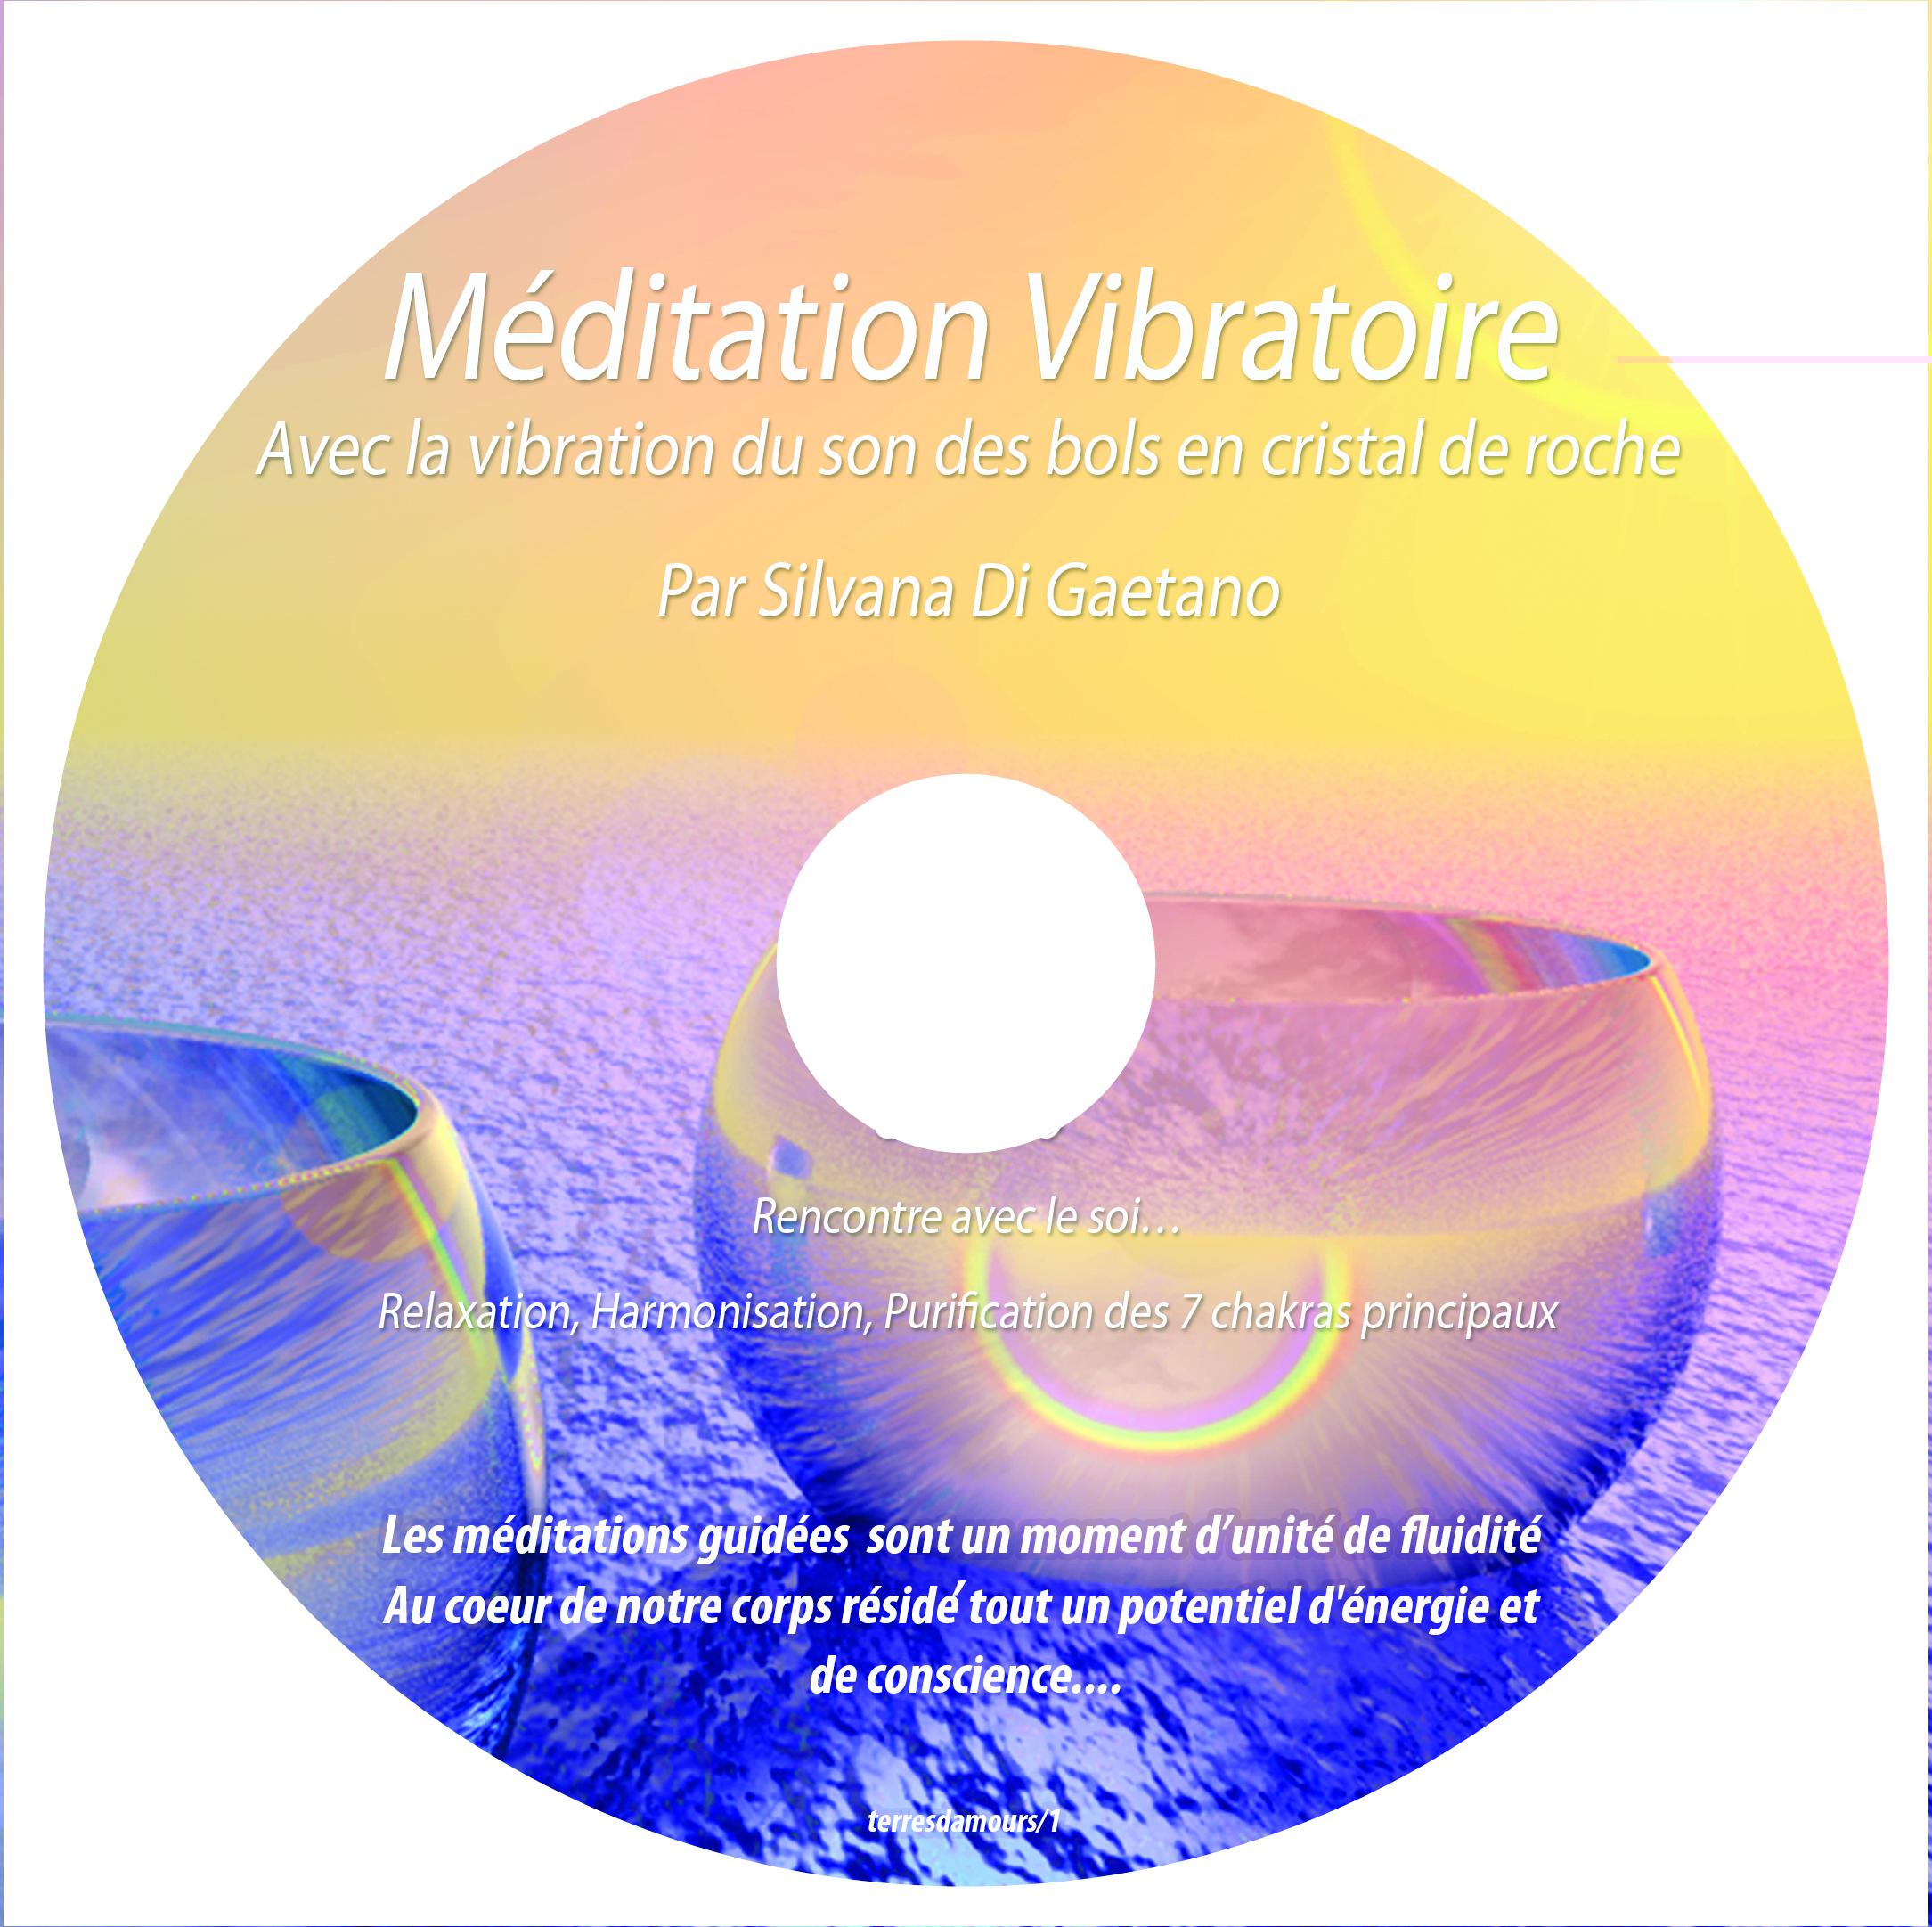 CD de Méditation Vibratoire avec le son des bols en cristal de roche